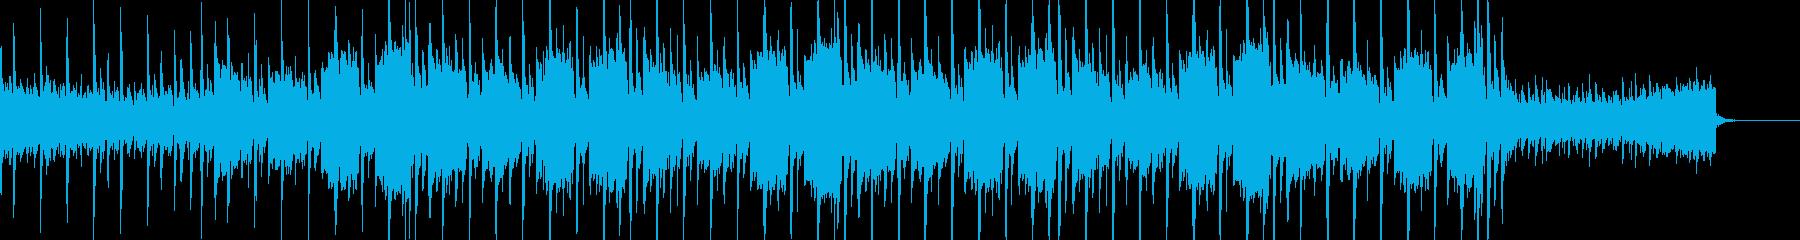 可愛い感じのエレクトロの再生済みの波形